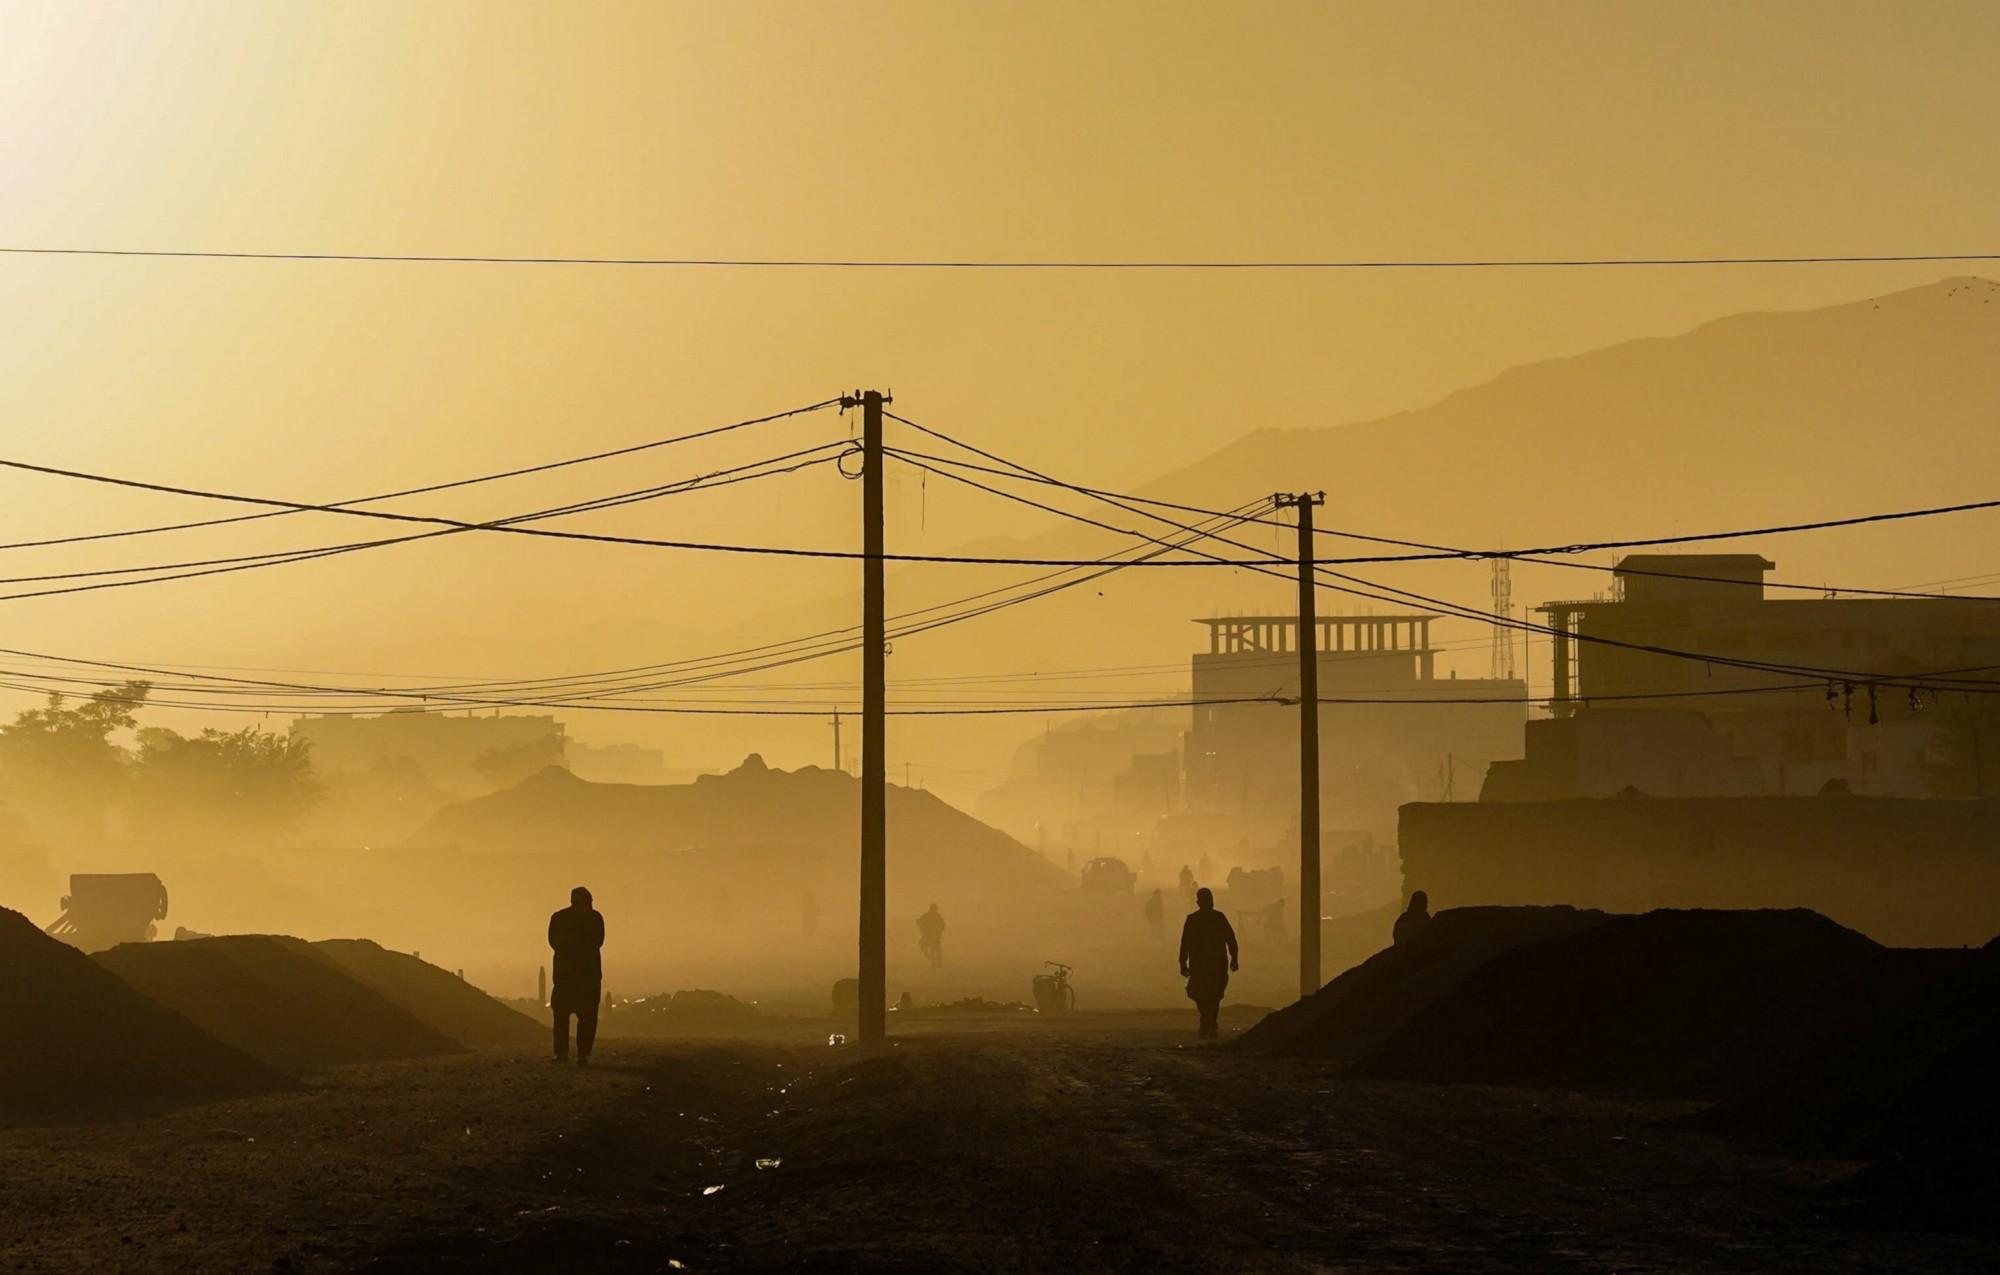 willchinasucceedinafghanistan